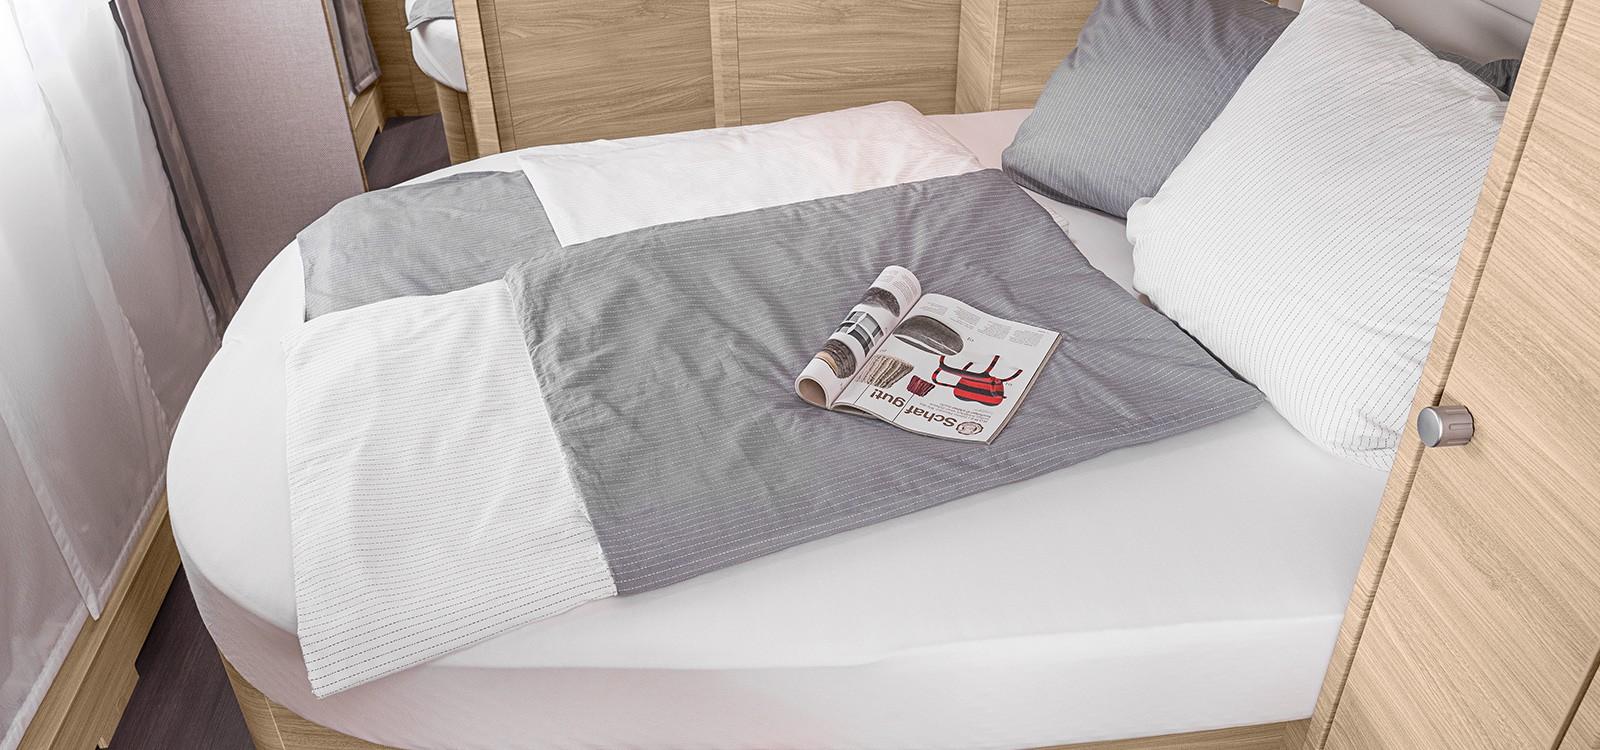 Full Size of Französische Betten Bett Landhausstil Holz Luxus Ottoversand Japanische Weiße Rauch 180x200 Ikea 160x200 Breckle Antike Hamburg Ebay Hasena 90x200 Jugend Bett Französische Betten